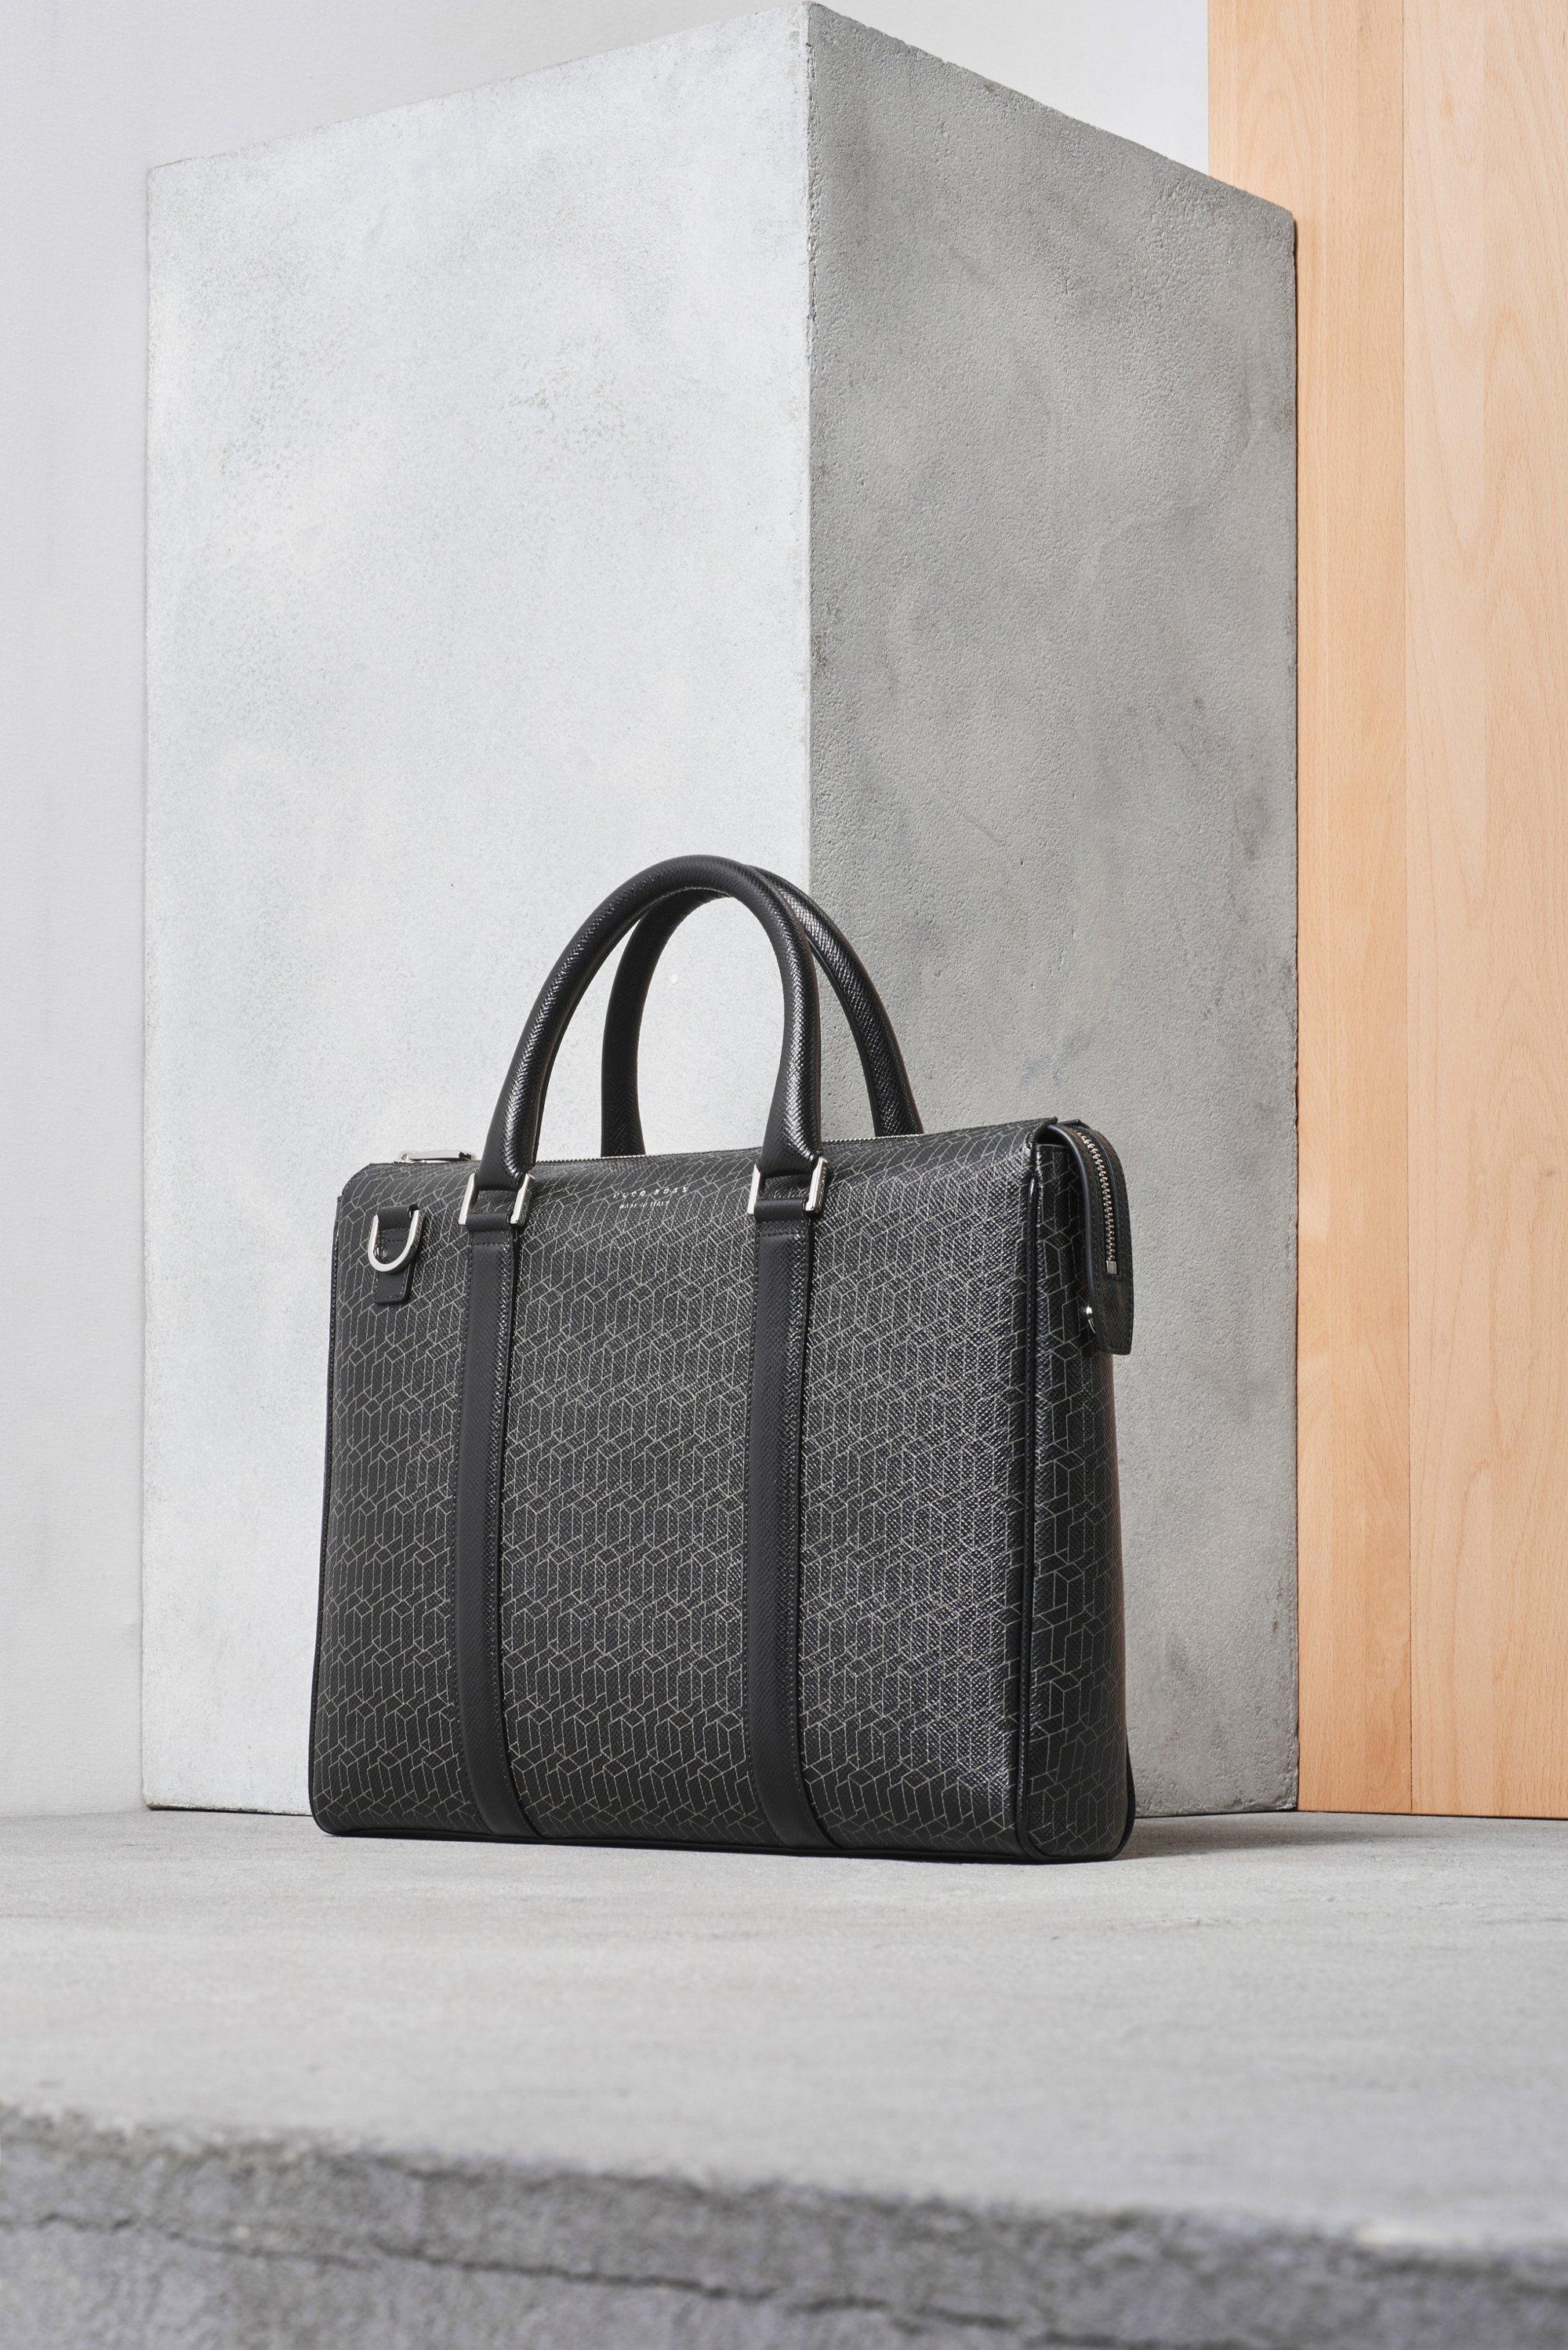 Bag by BOSS Menswear